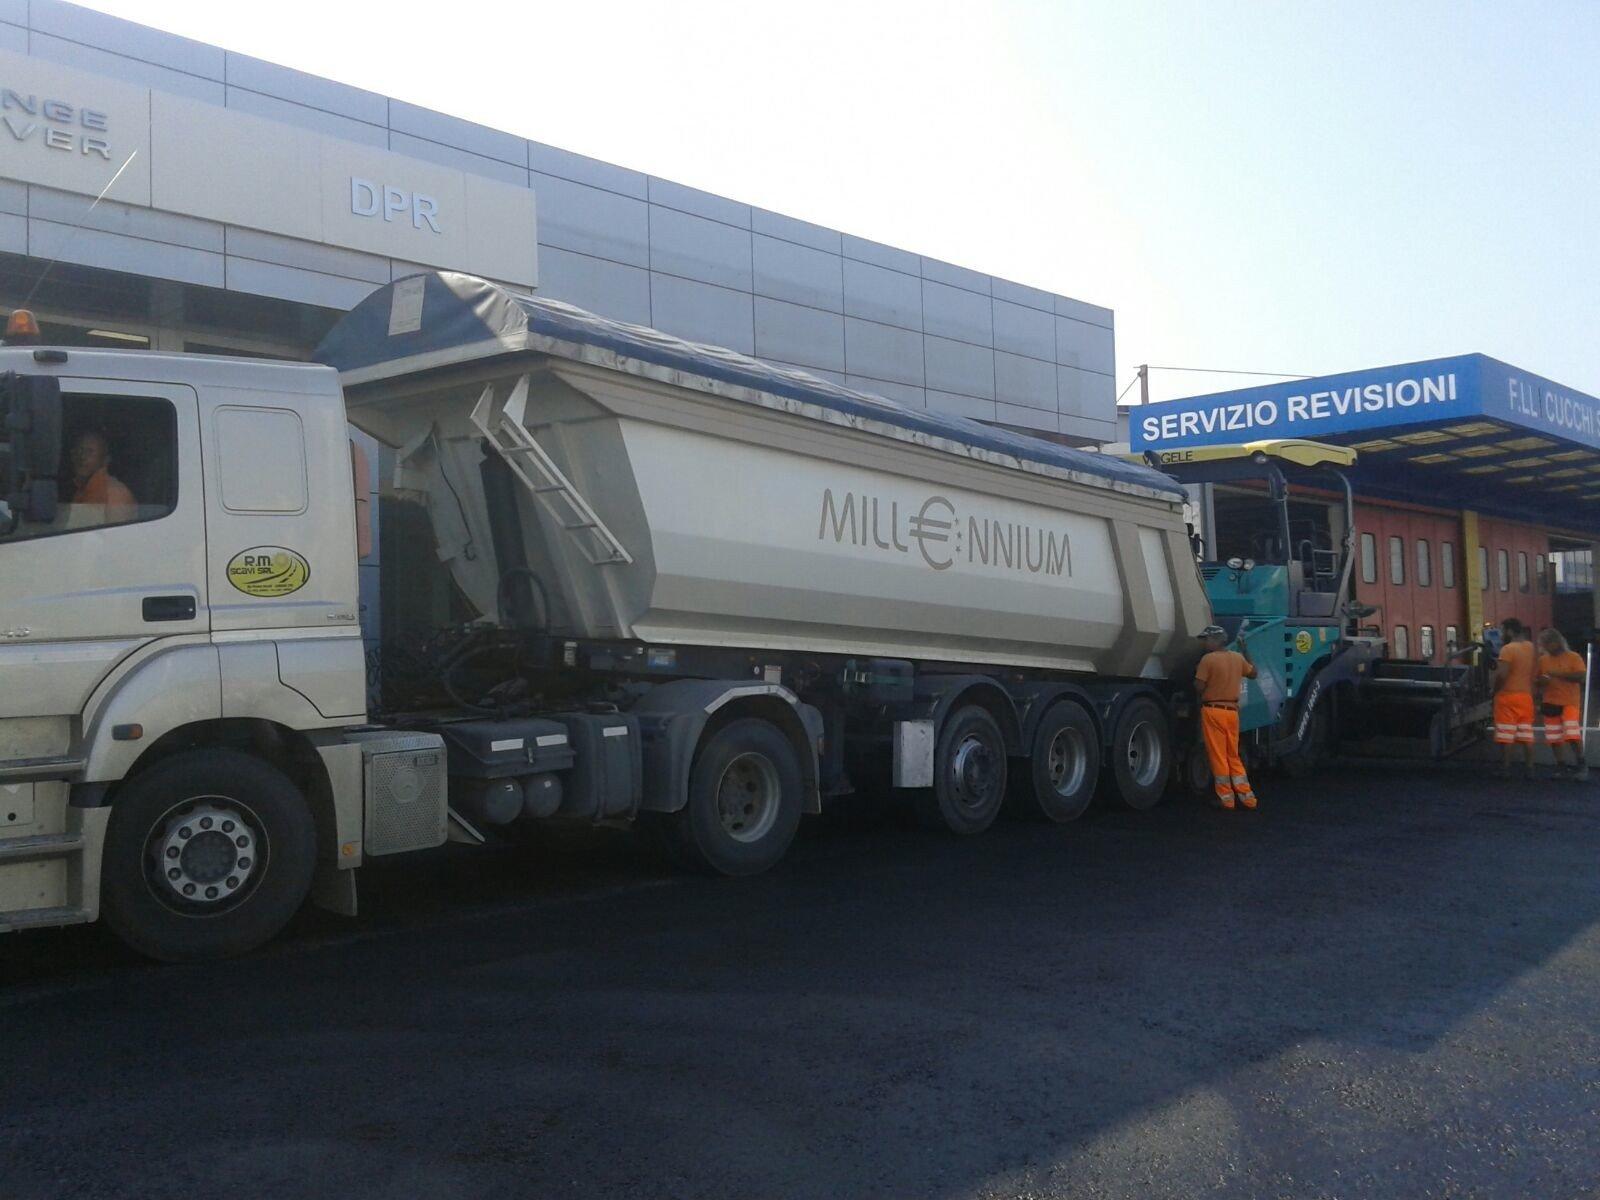 camion servizio revisioni